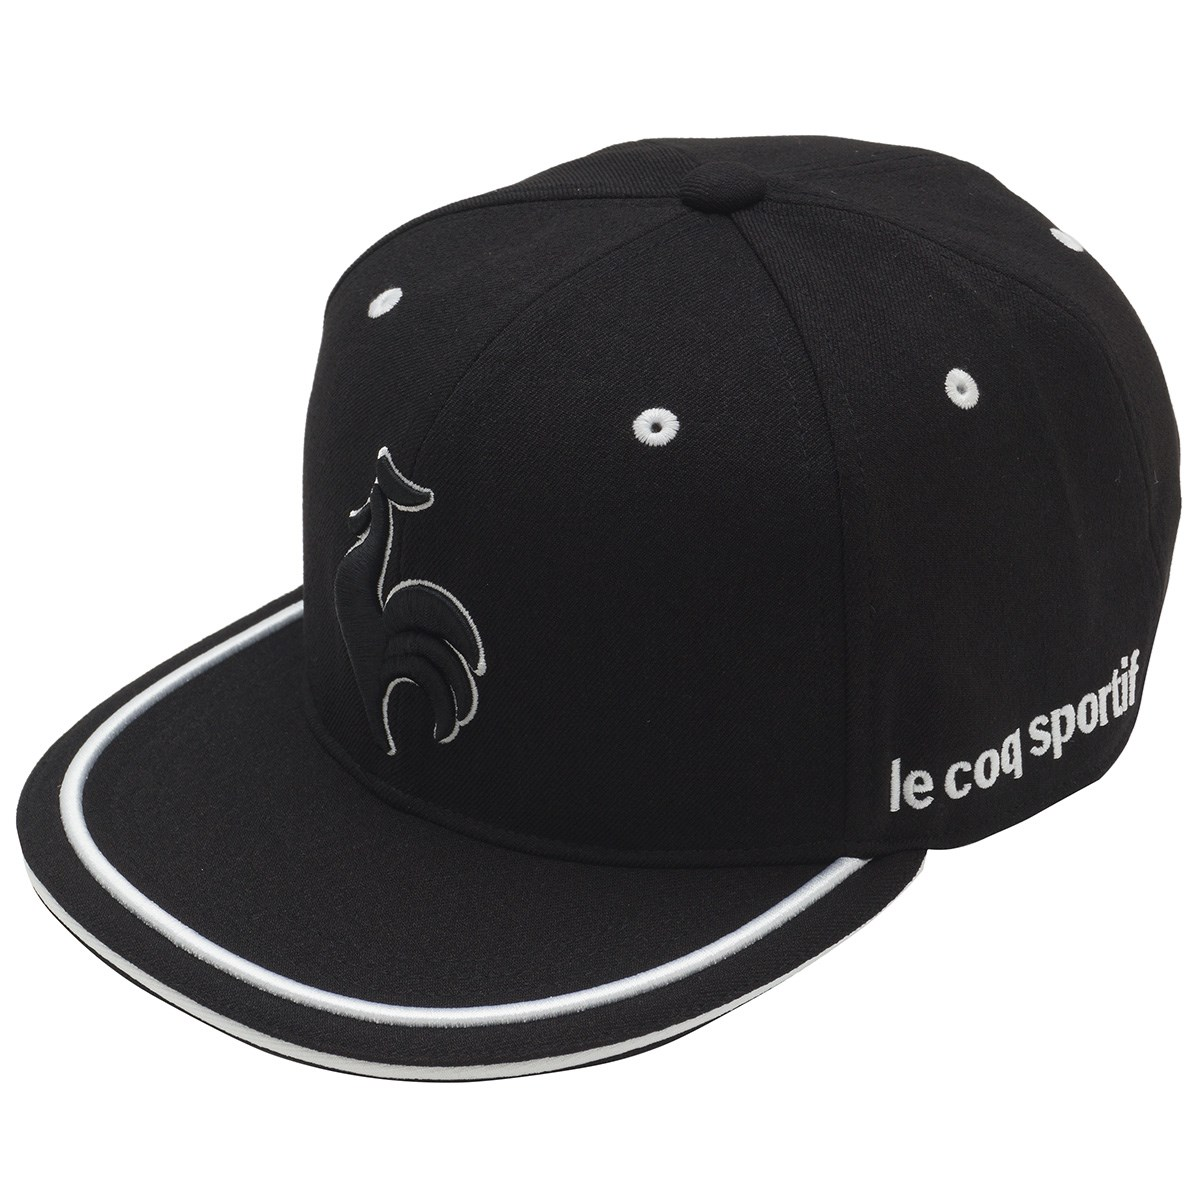 ルコックゴルフ Le coq sportif GOLF フラットキャップ フリー ブラック 00